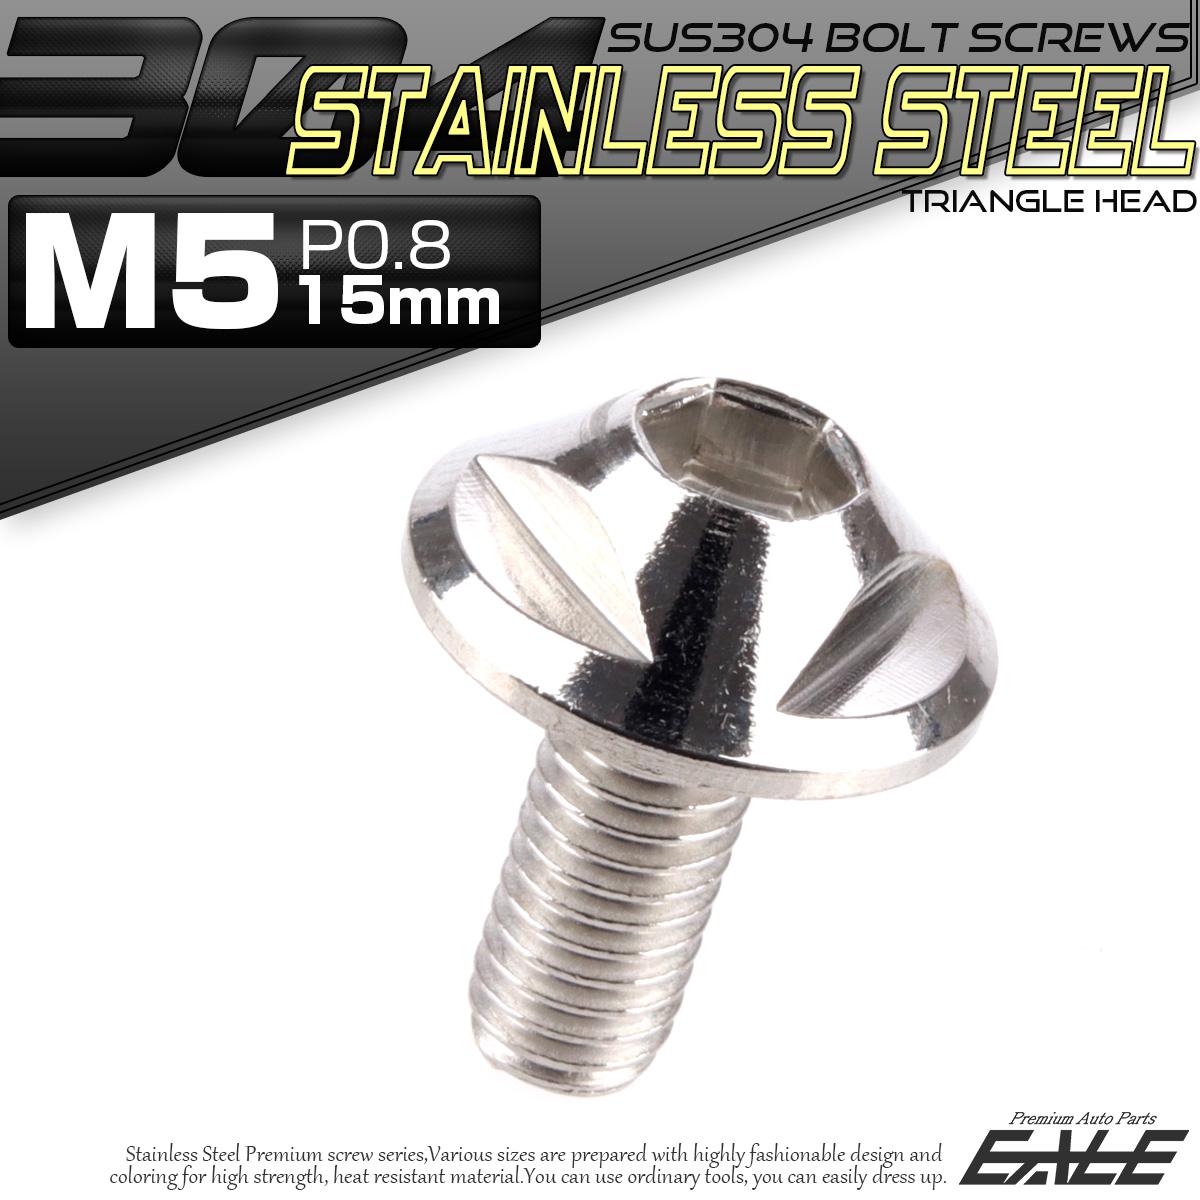 SUS304 フランジ付 ボタンボルト M5×15mm P0.8 六角穴  シルバー トライアングルヘッド ステンレス製  TR0131